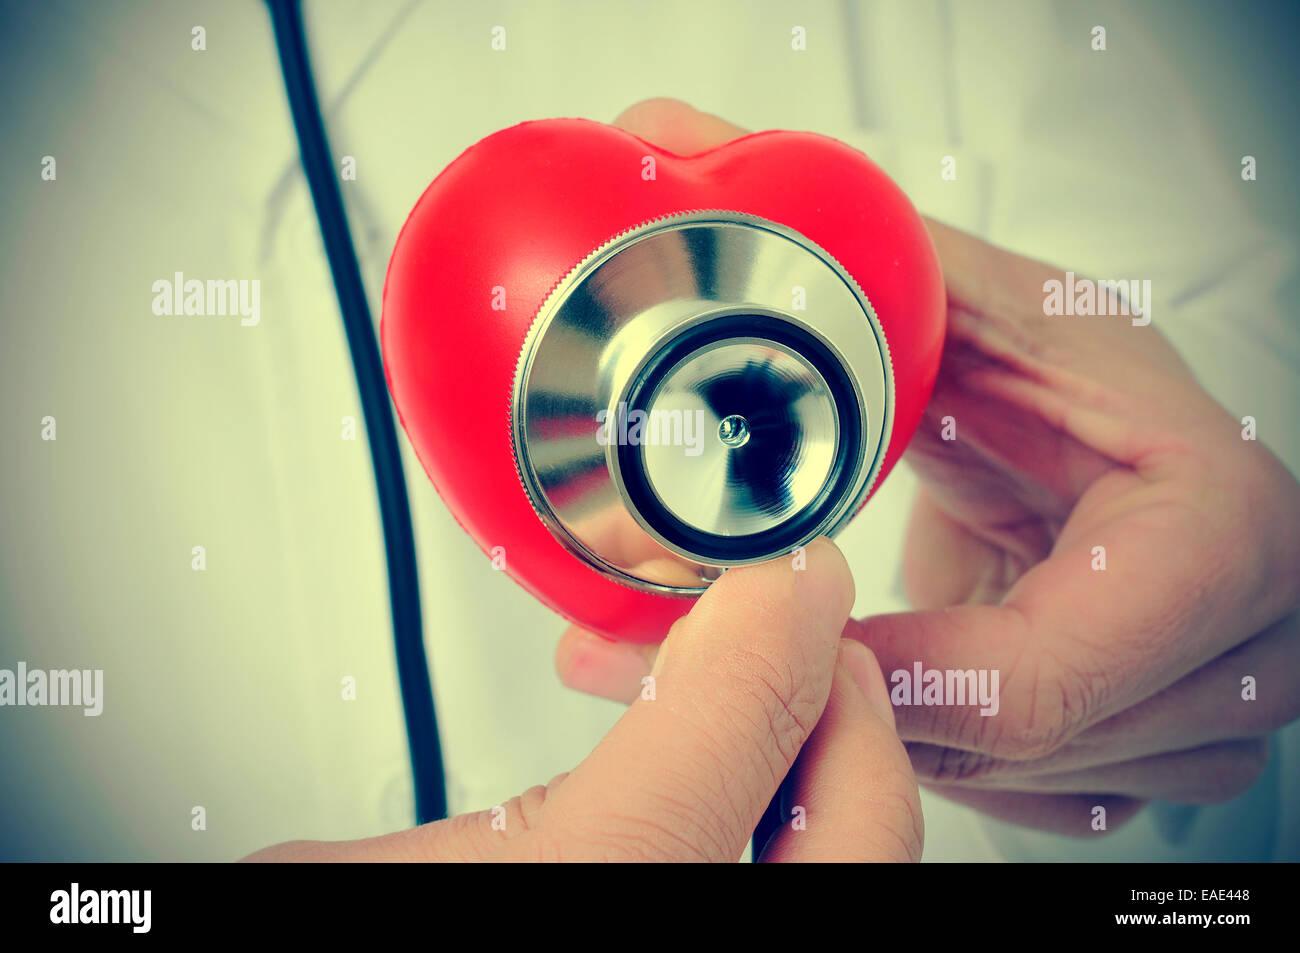 Un médecin auscultating un cœur rouge avec un stéthoscope, avec un effet rétro Photo Stock